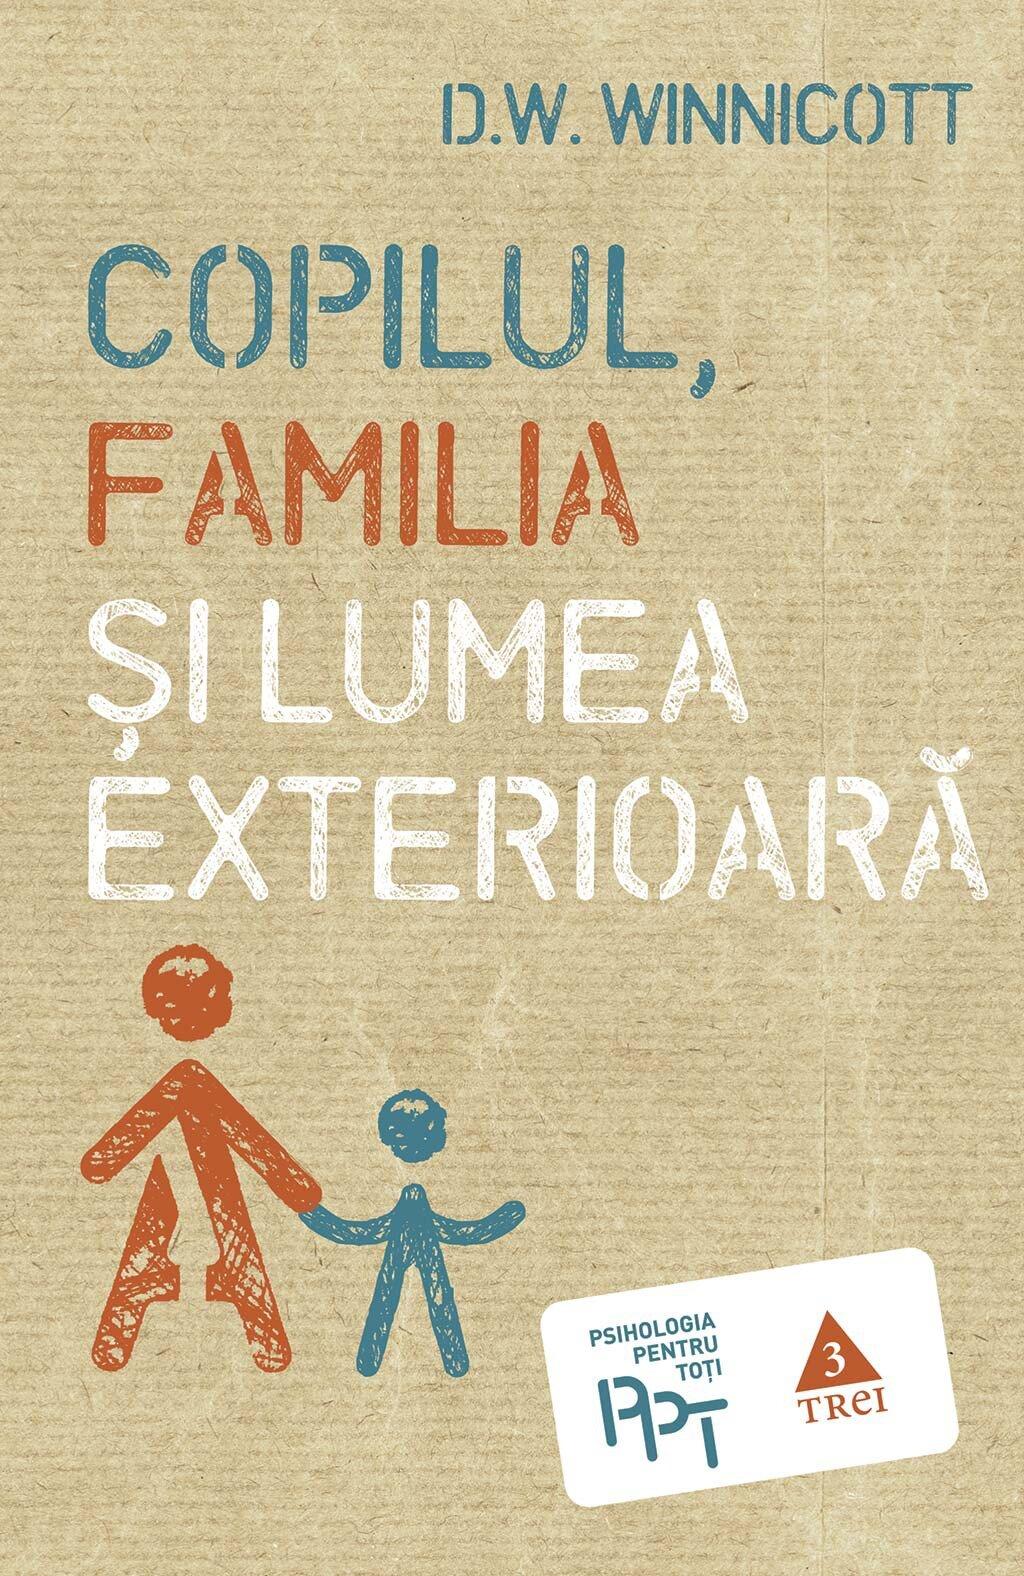 Copilul, familia si lumea exterioara (eBook)